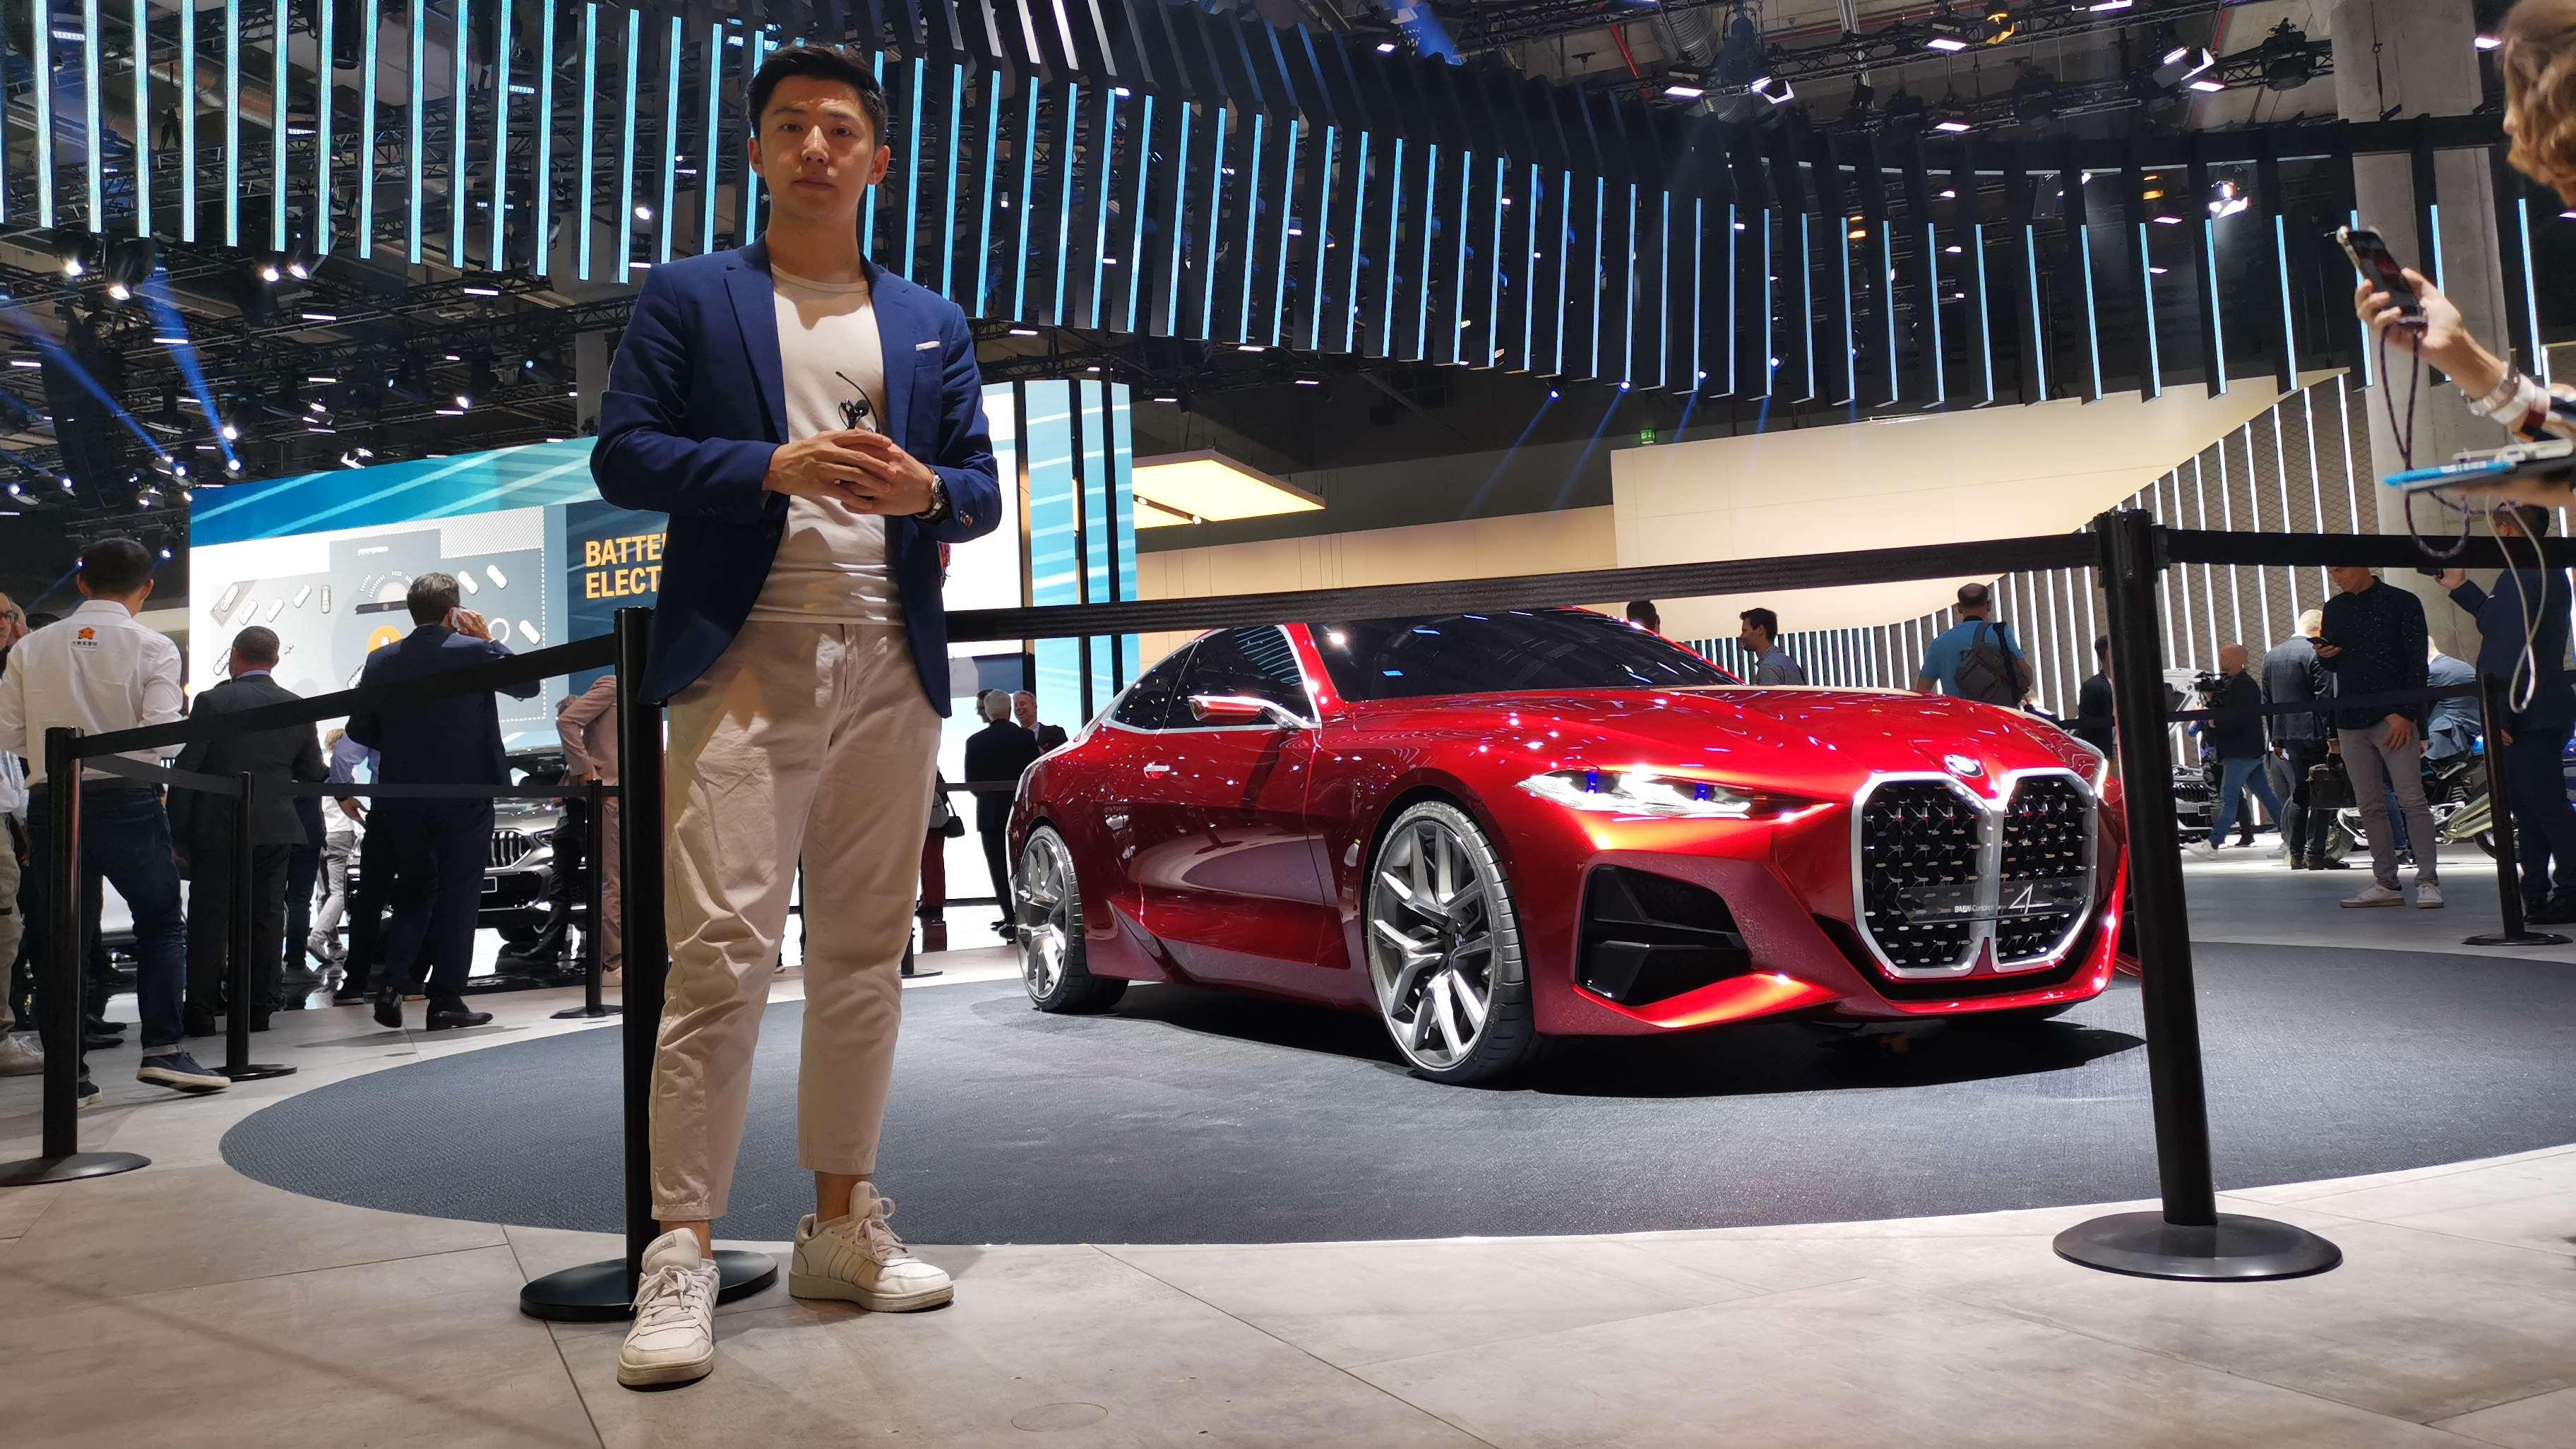 未来轿车设计方向 宝马4系概念车亮相法兰克福车